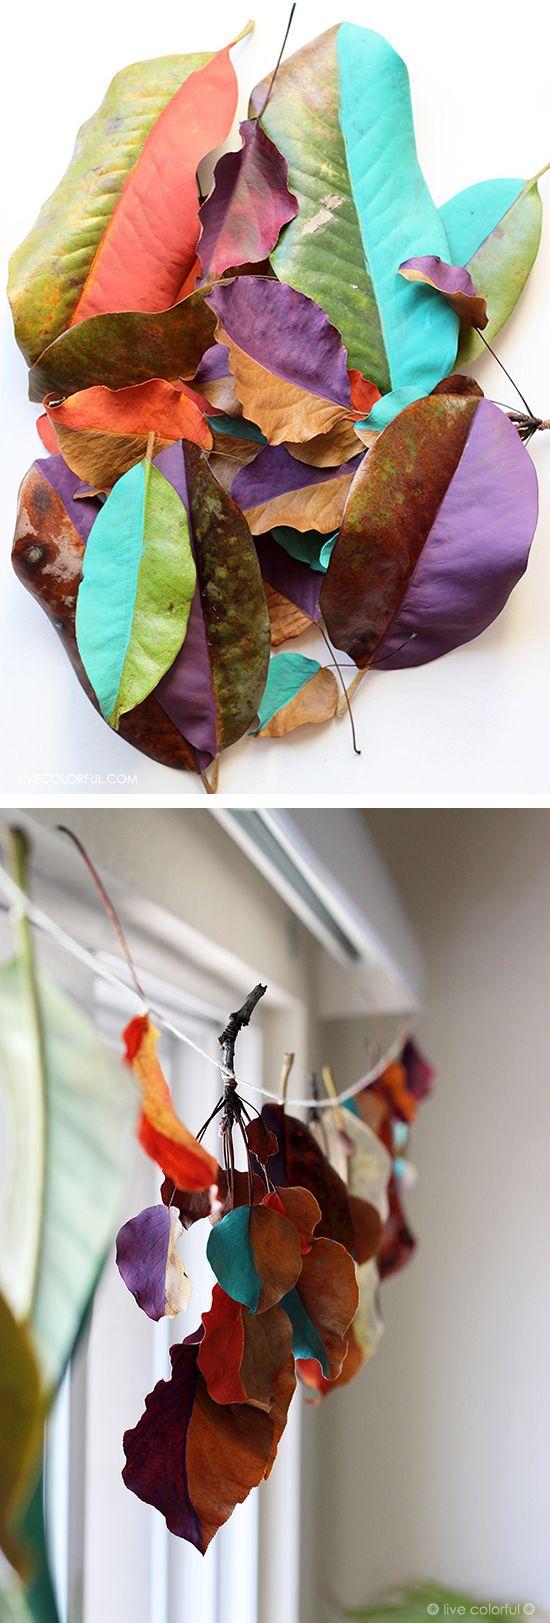 Haz una guirnalda de hojas secas pintadas de colores. Dos sencillos pasos y tu también puedes recrear esta idea sencilla y original para decorar tu casa este otoño! | LiveColorful.com/es #LatinaBloggers